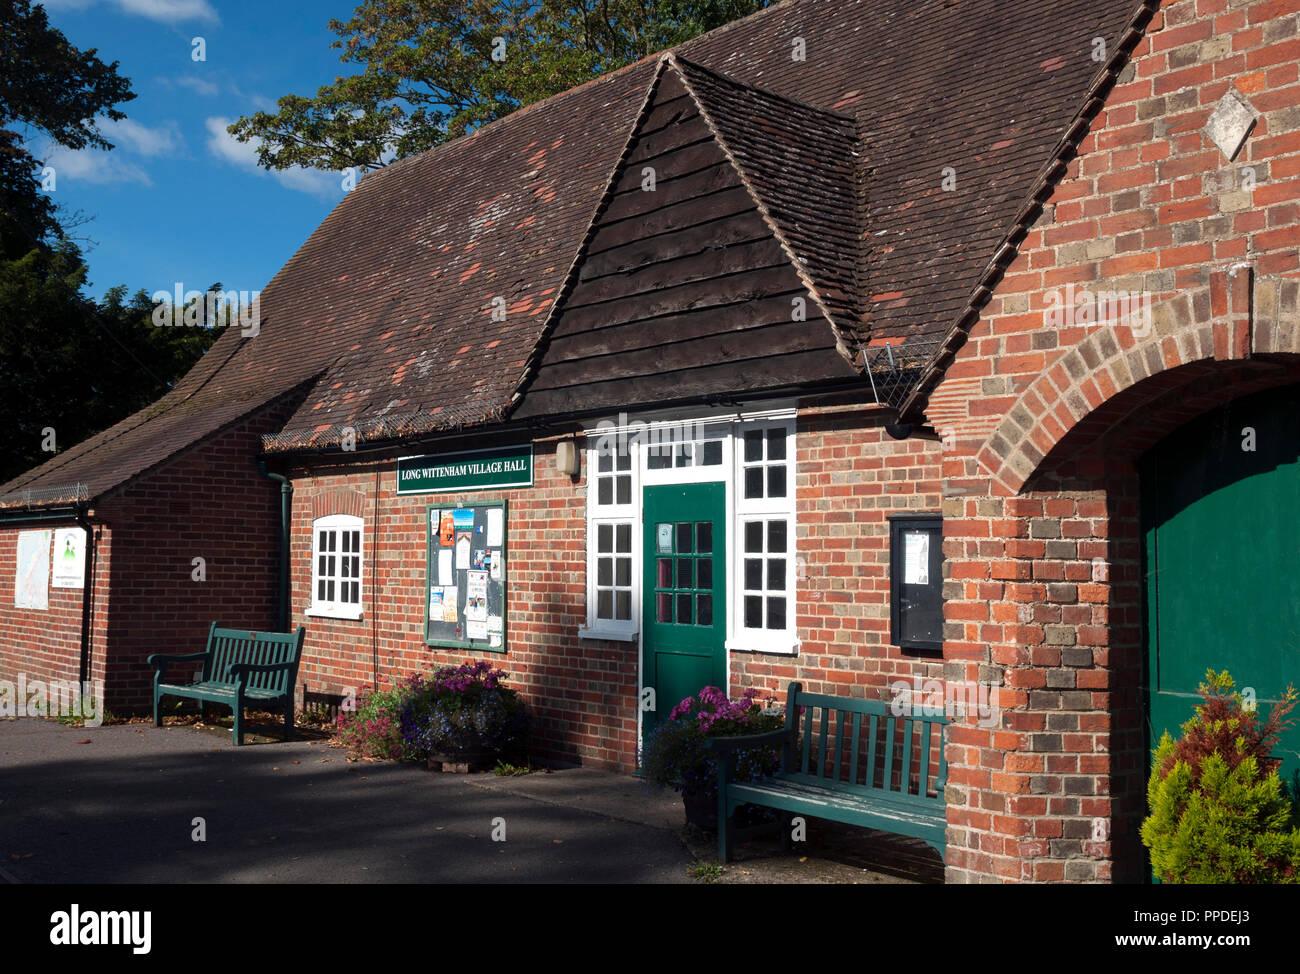 The Village Hall, Long Wittenham, Oxfordshire, England, UK - Stock Image